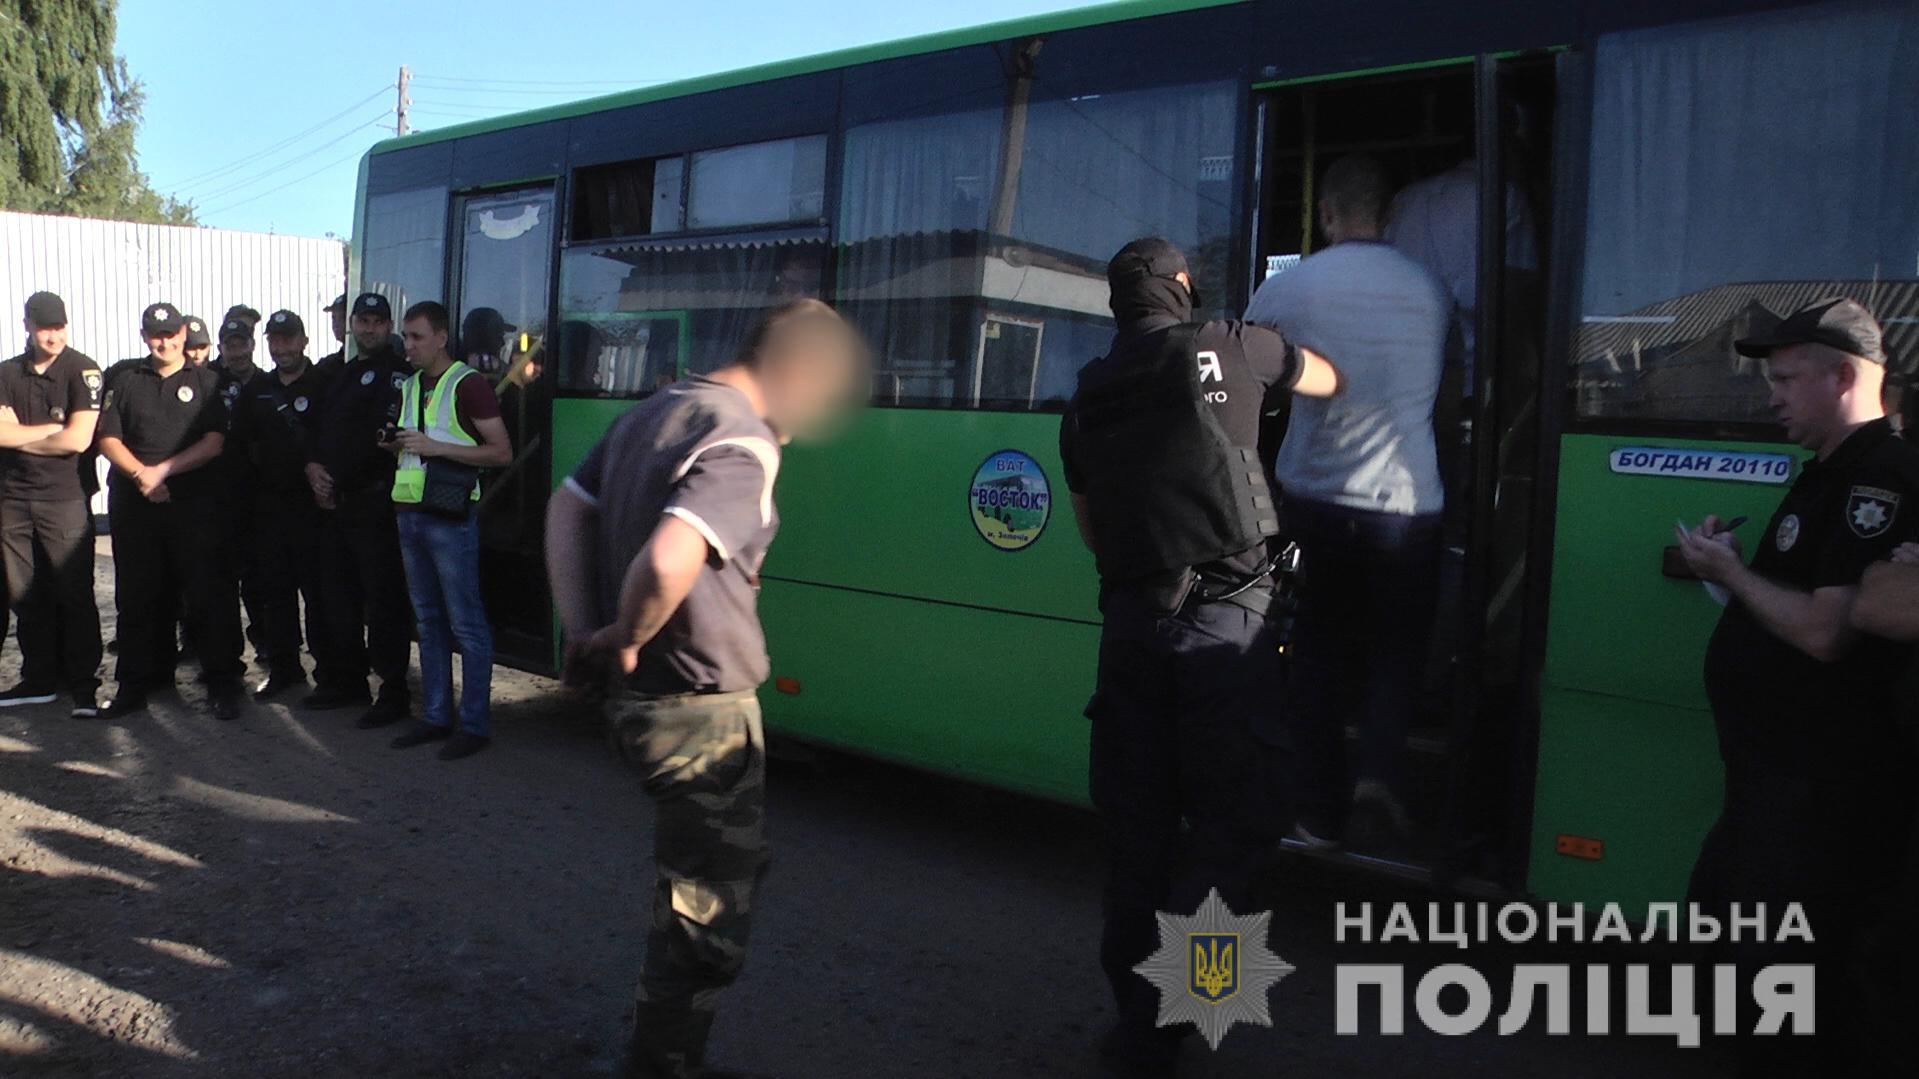 Нападение на журналистов на Харьковщине: полиция задержала нападавших